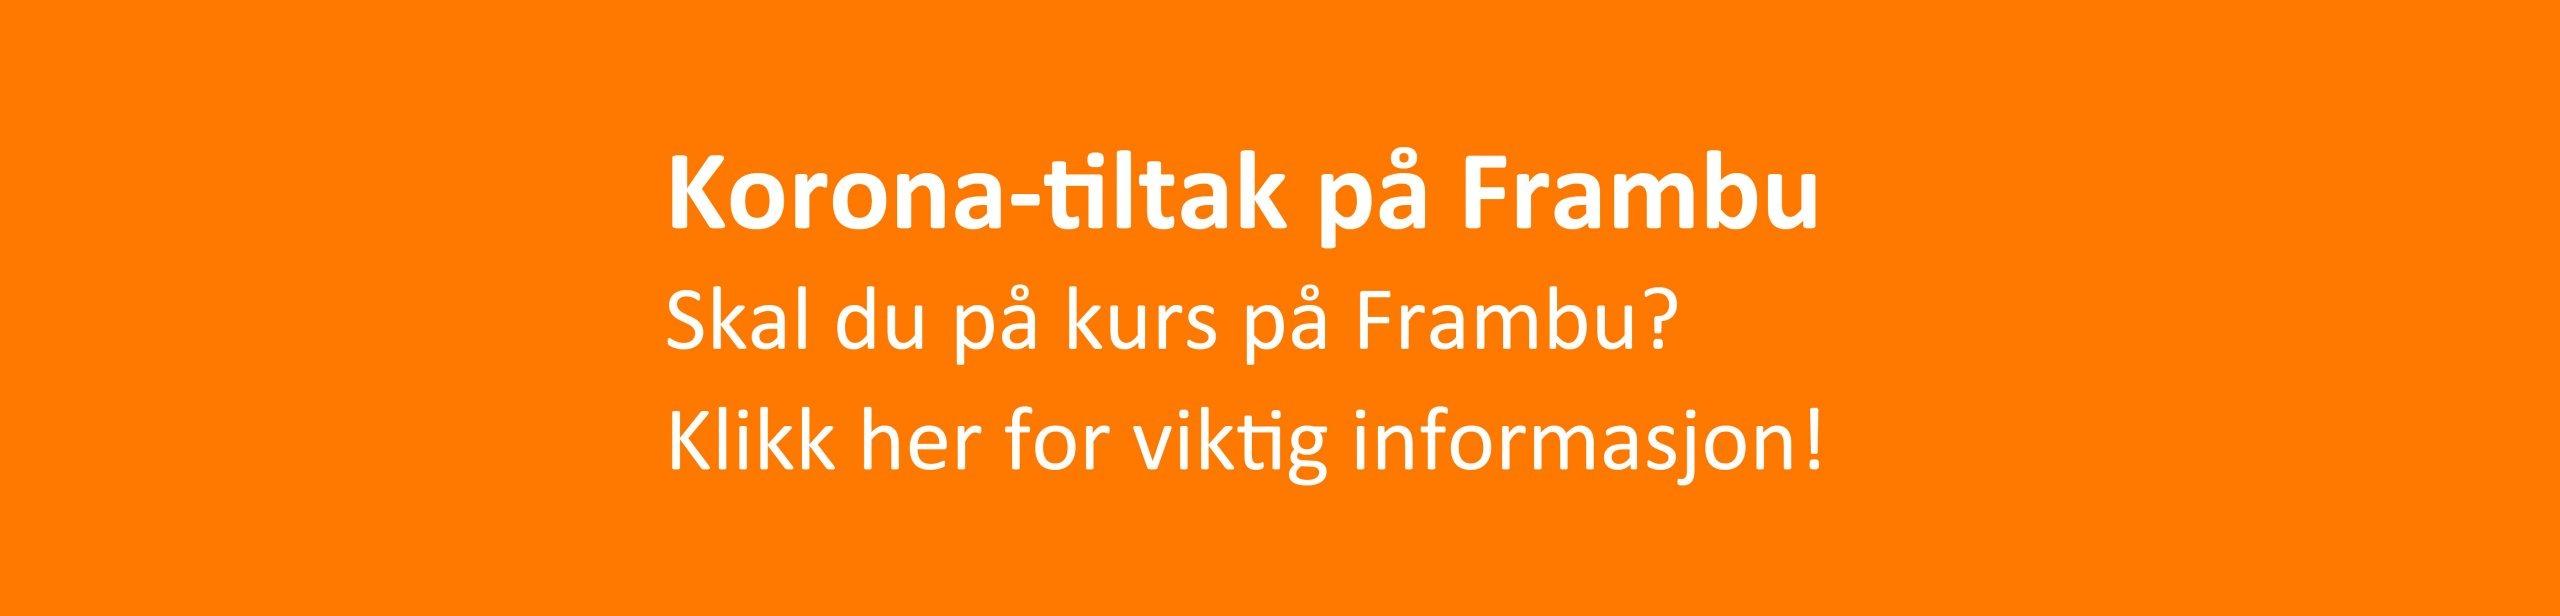 Informasjon om korona-tiltak på Frambu